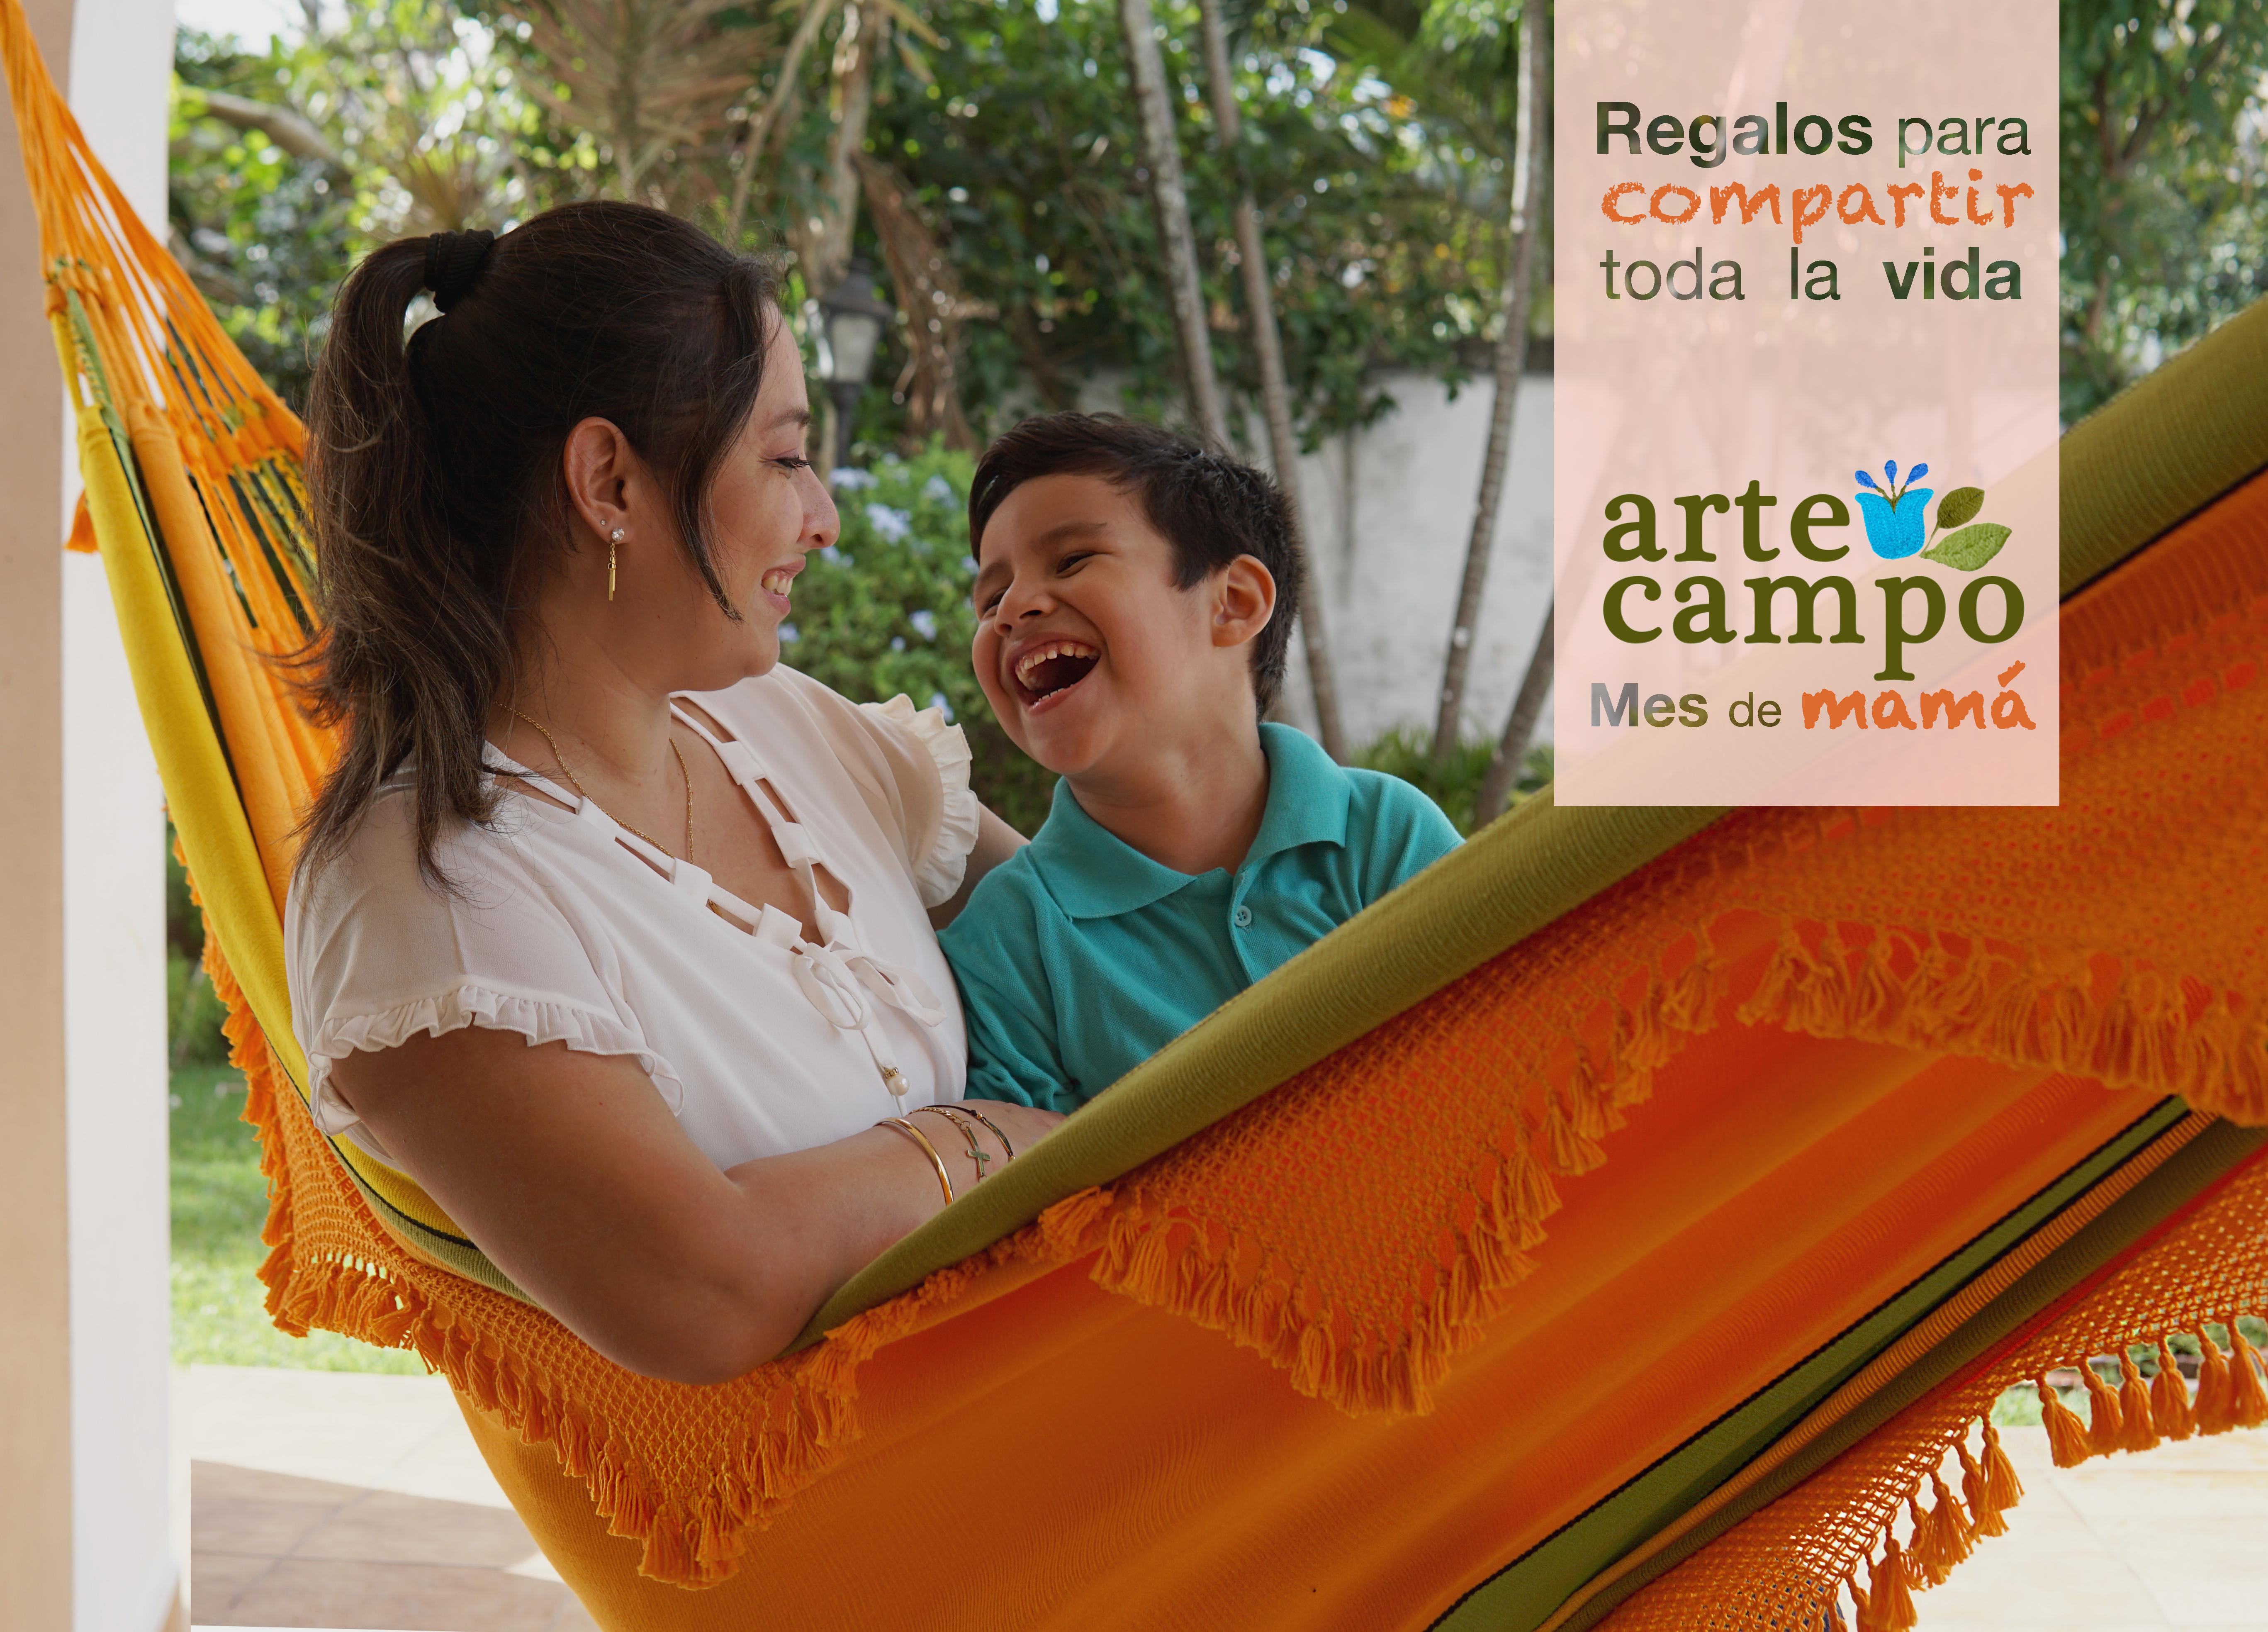 ¡Artecampo propone artesanía de gran variedad y belleza para el mes de las madres!